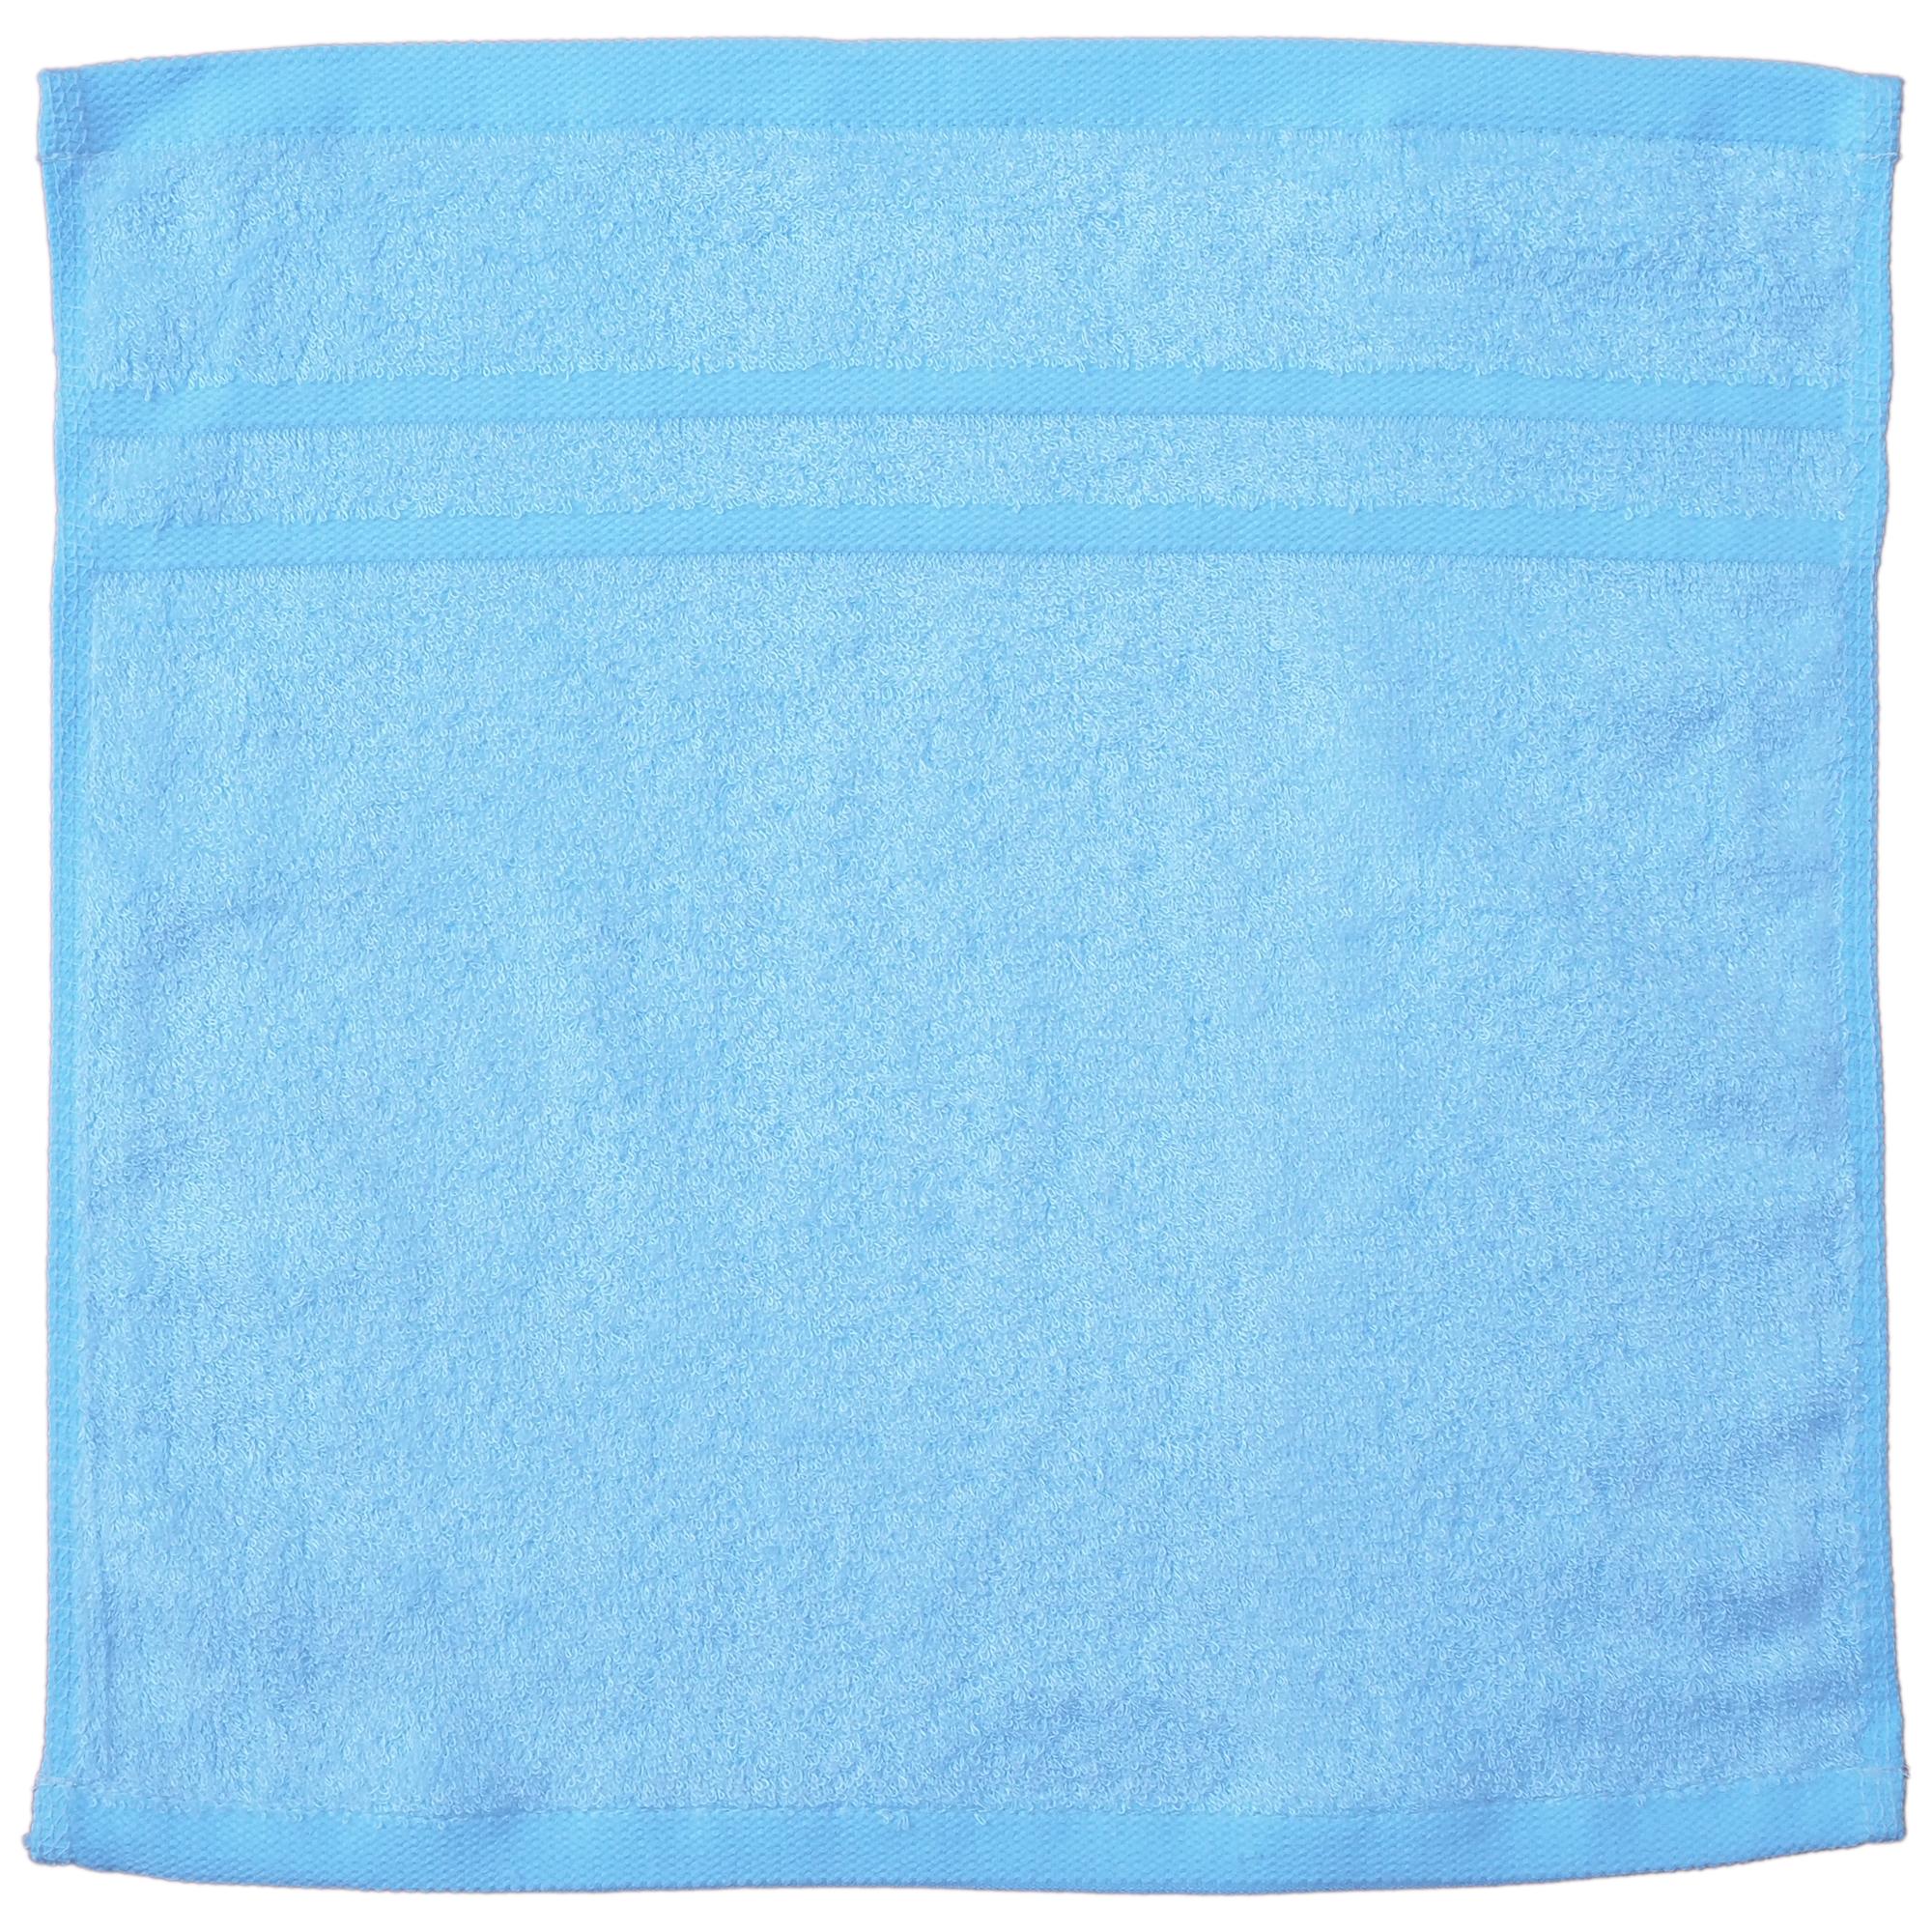 TCOTเยื่อไผ่ผ้าเช็ดหน้า33x33-สีฟ้าแก้ว